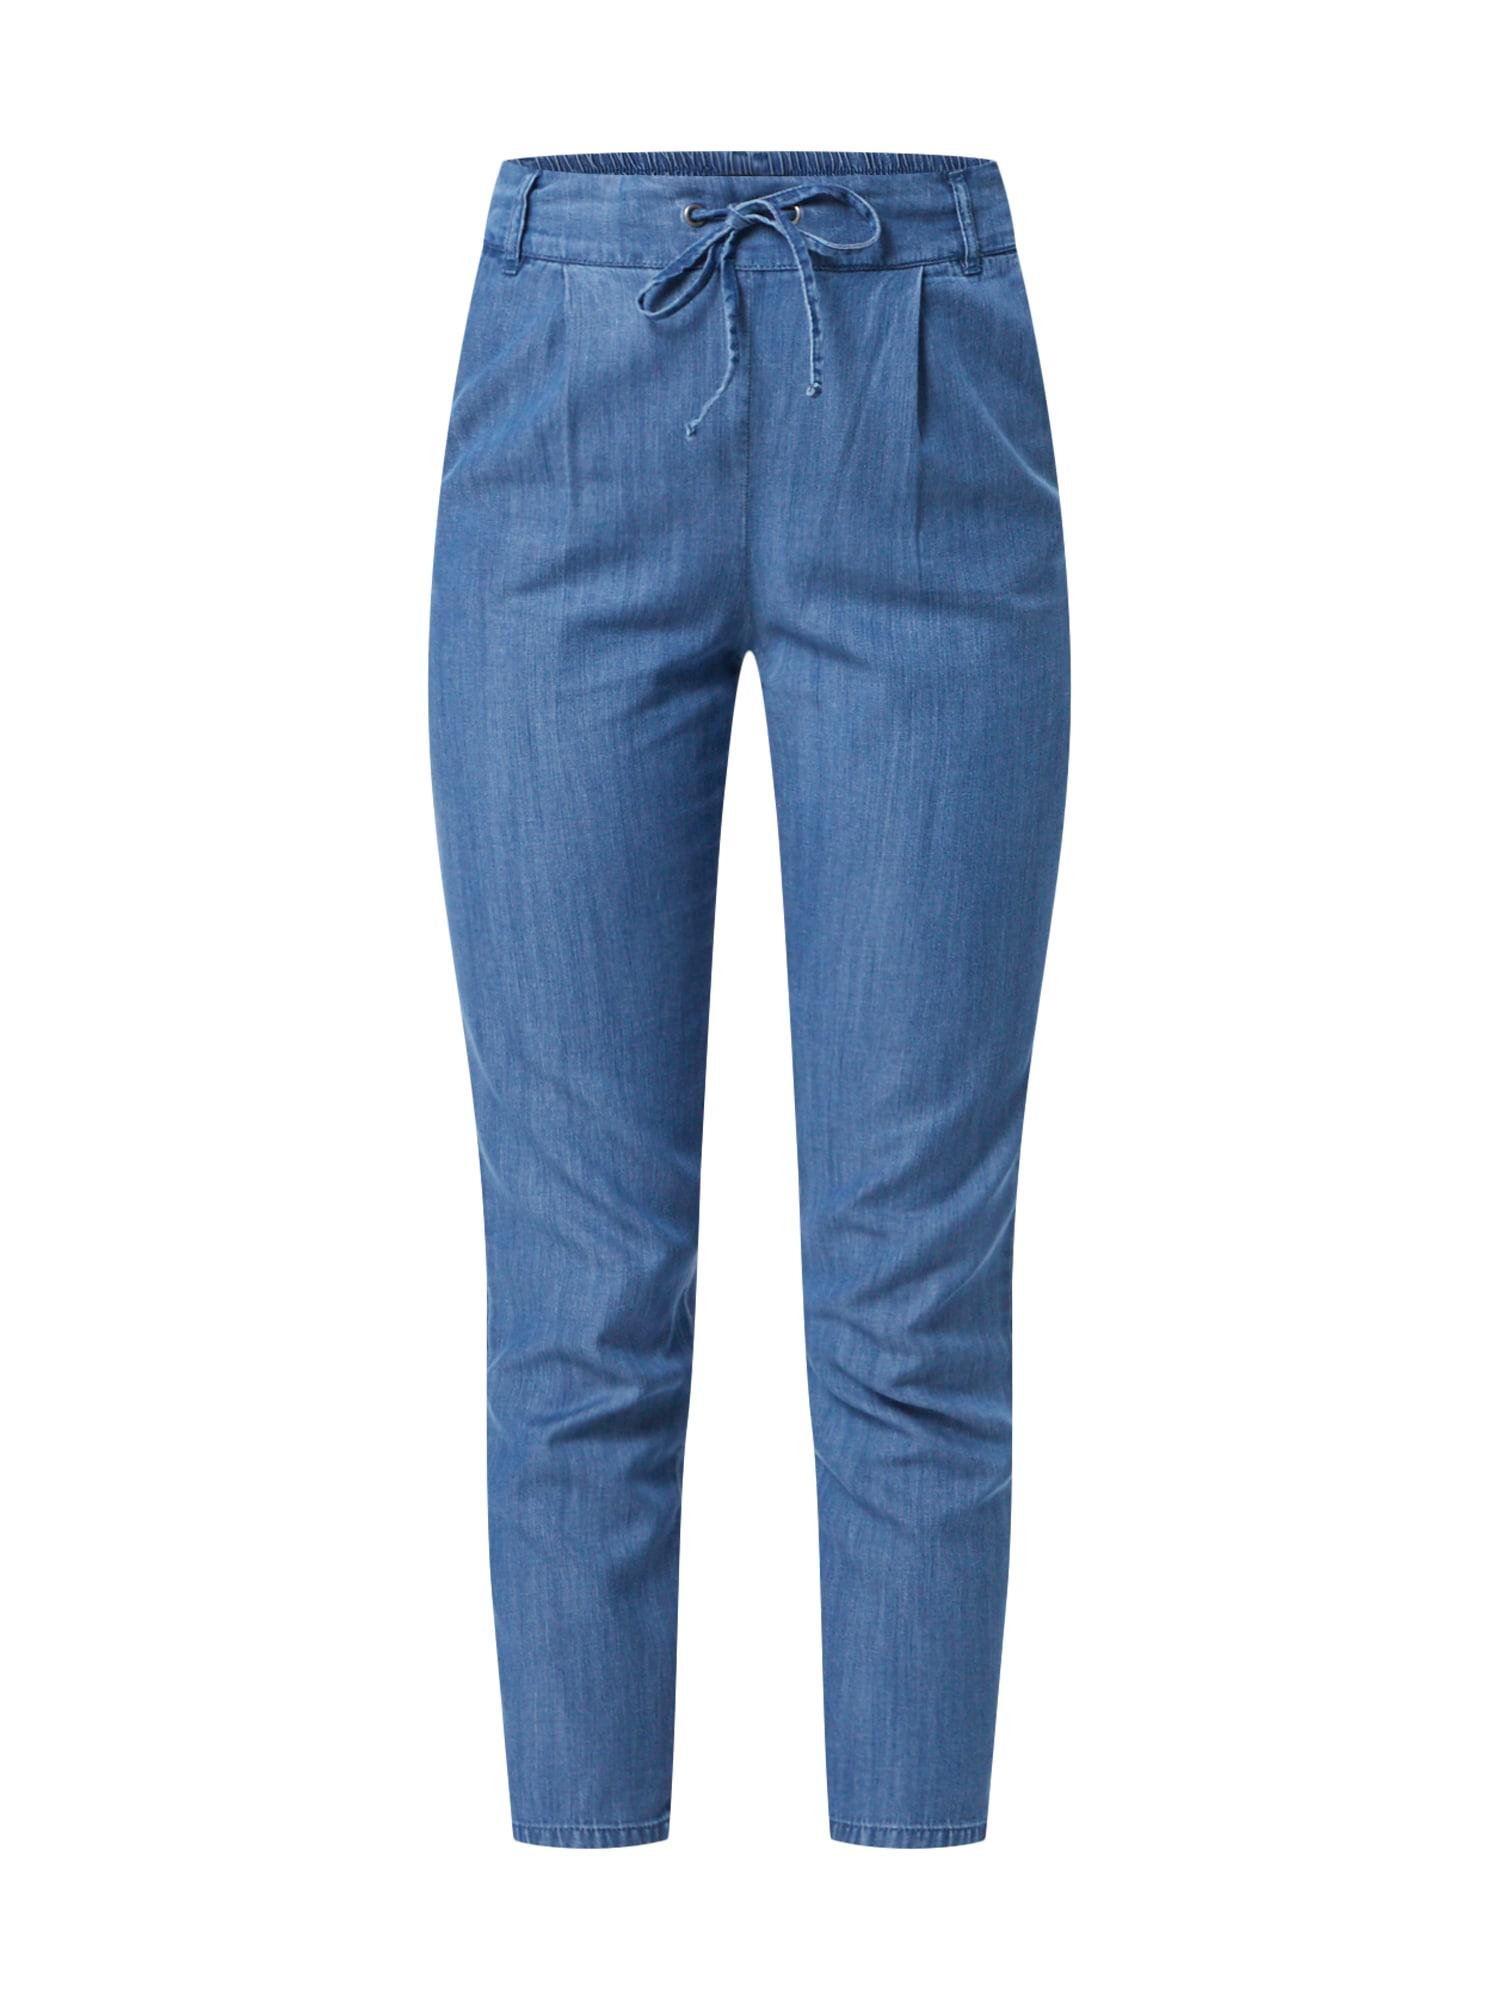 Kalhoty POPTRASH DENIM modrá džínovina ONLY